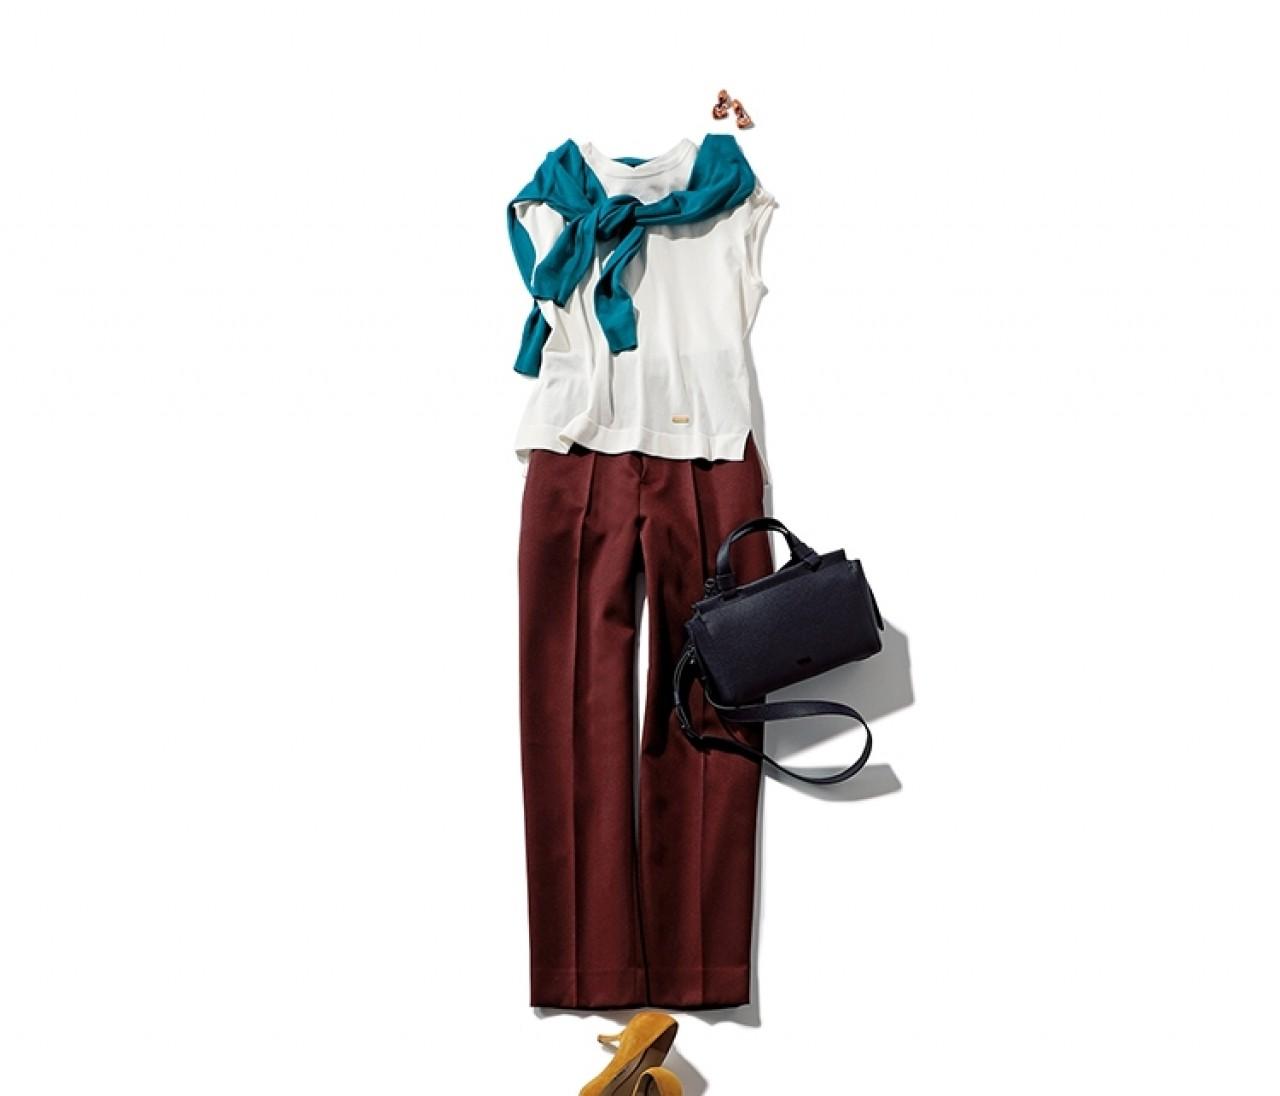 気分よく通勤したい日は、ブラウンパンツコーデに差し色カーデをプラスして!【2019/8/20のコーデ】